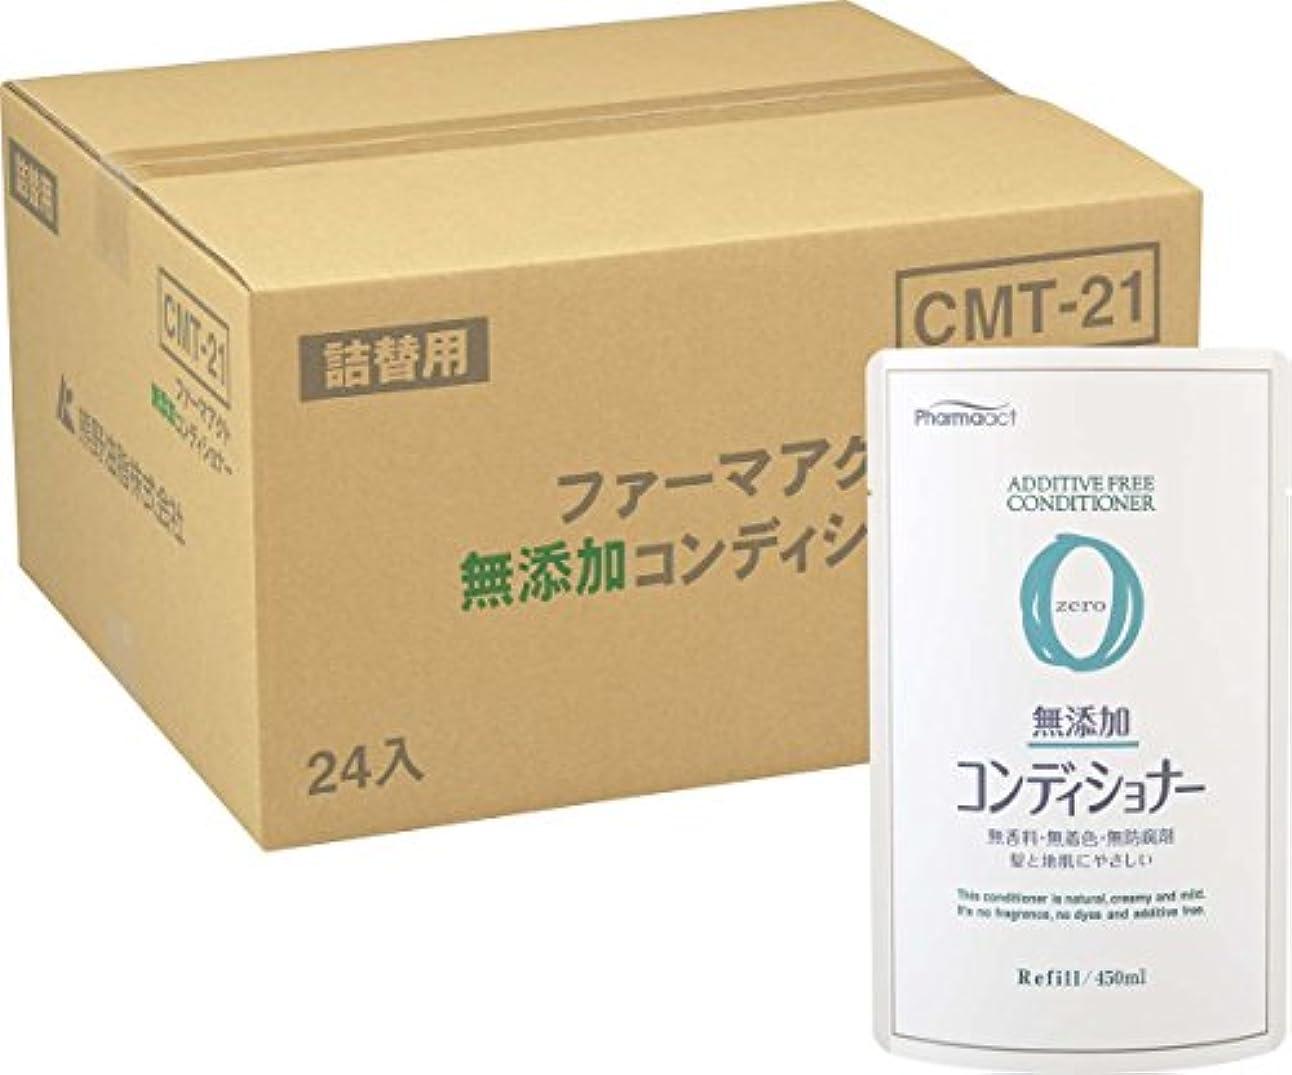 四半期反射非難【ケース販売】ファーマアクト 無添加コンディショナー詰替用 450ml×24個入